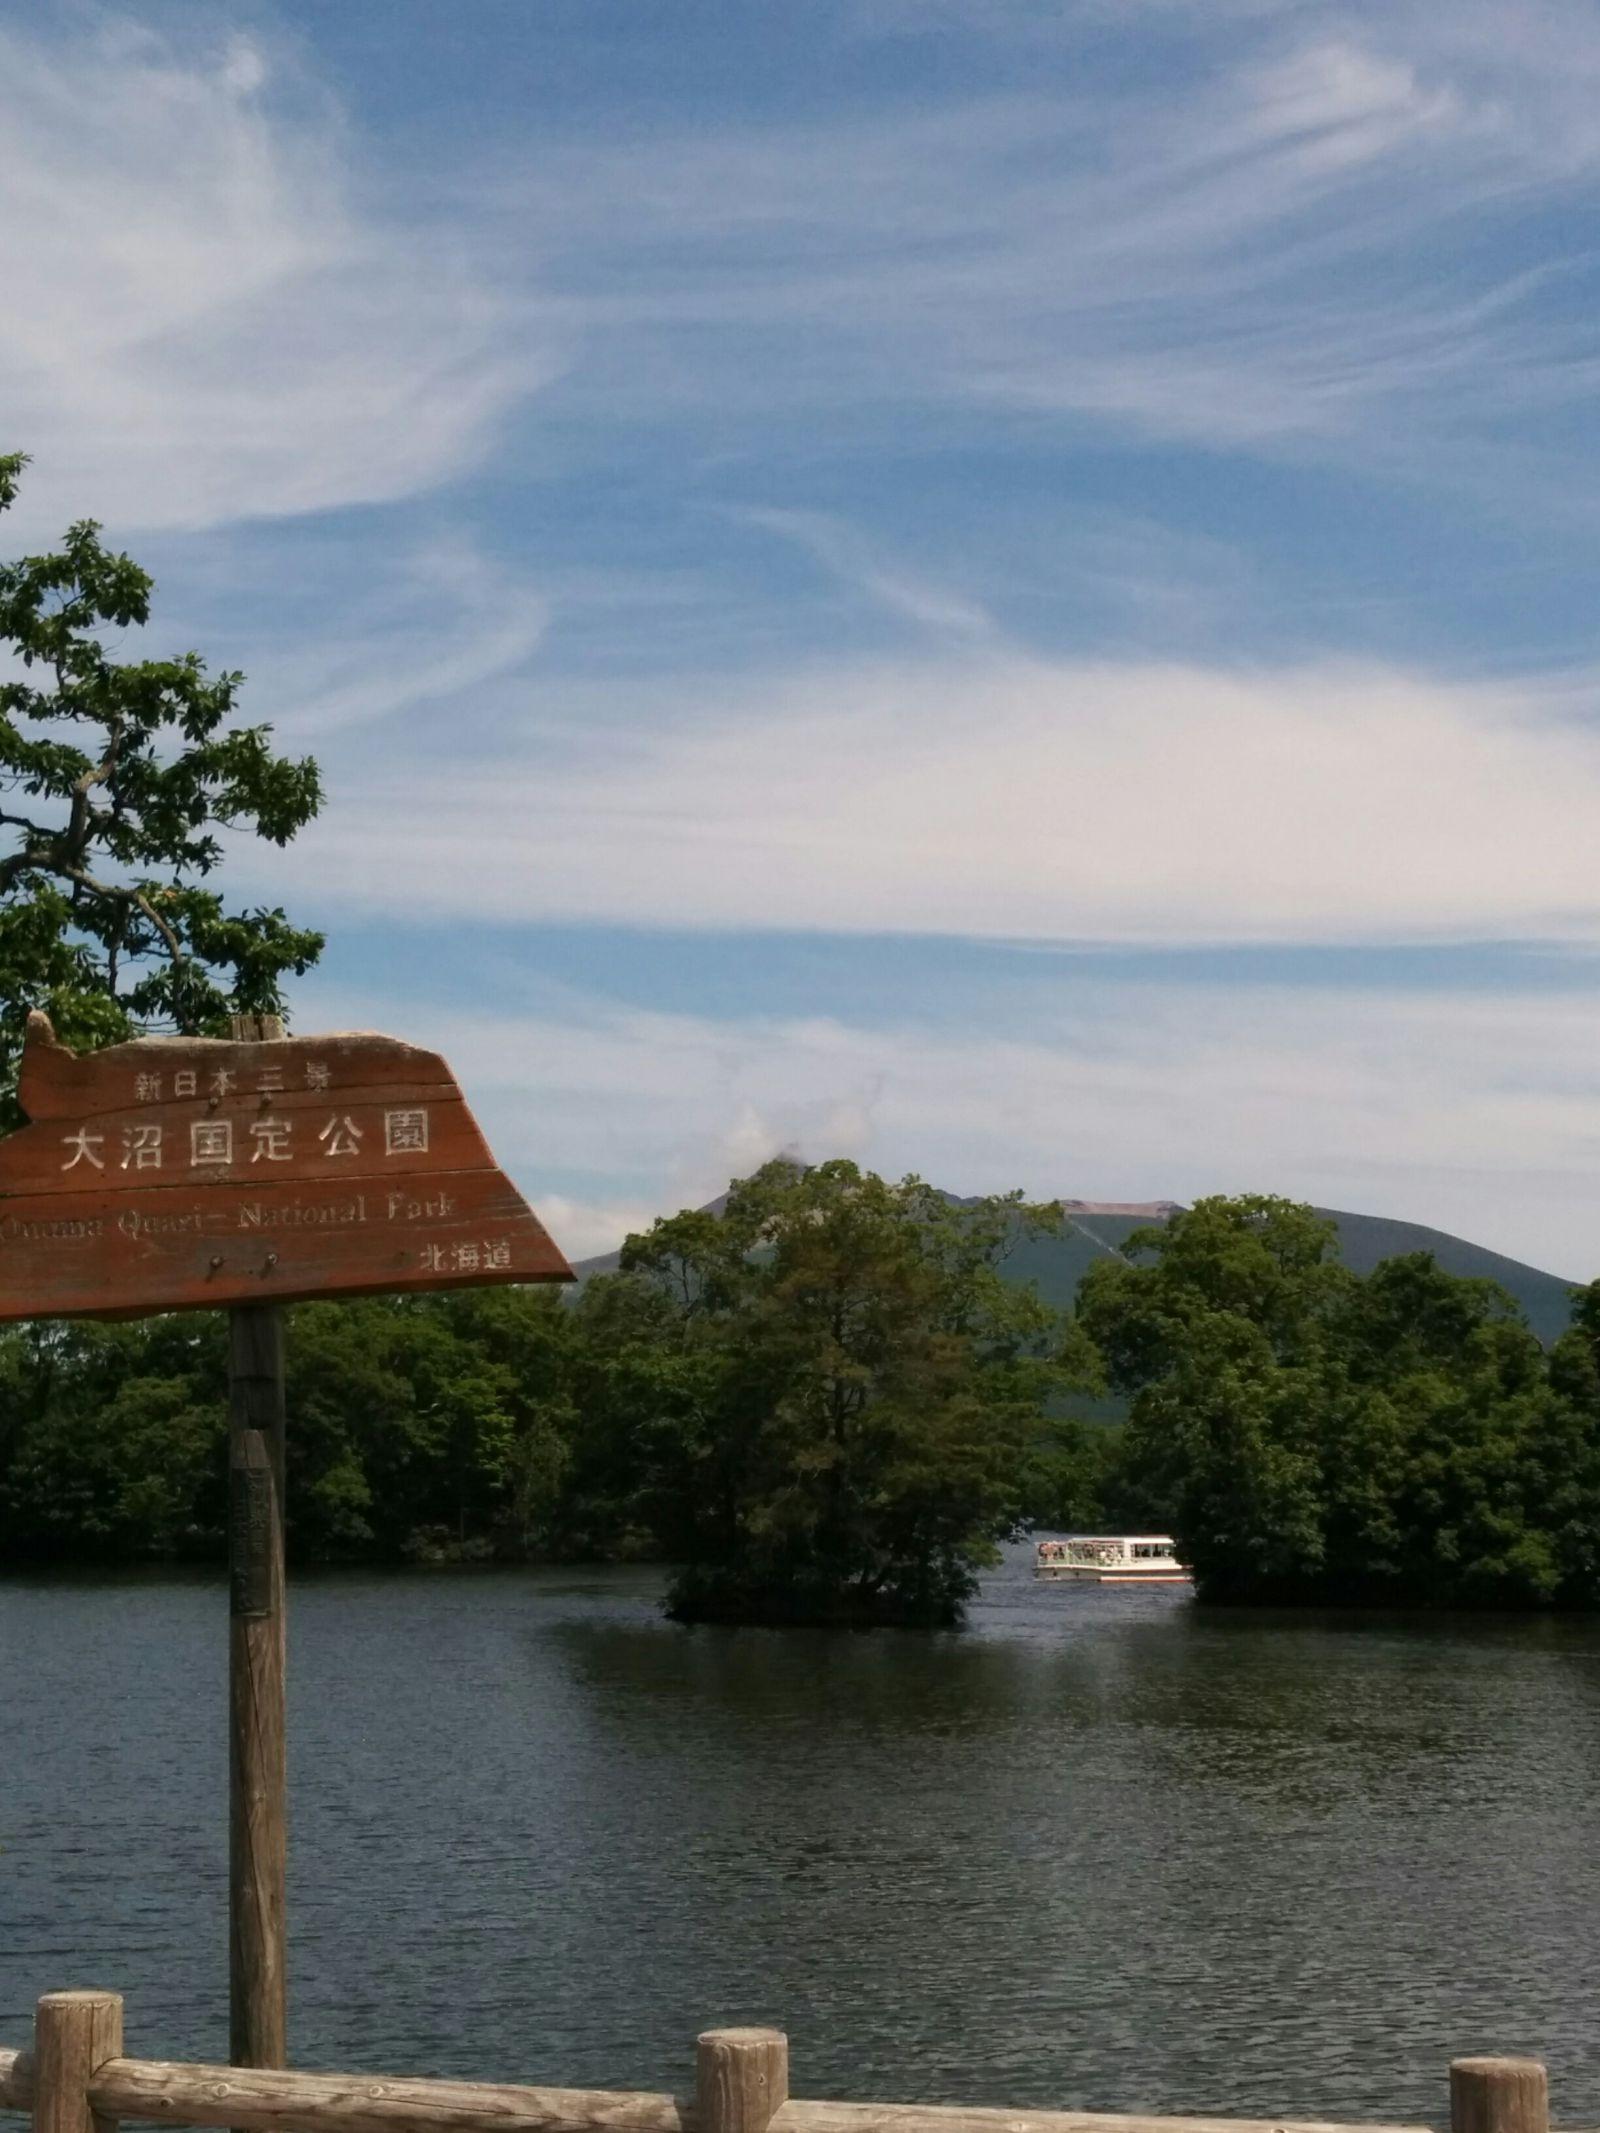 【大沼】大沼国定公園観光案内です。